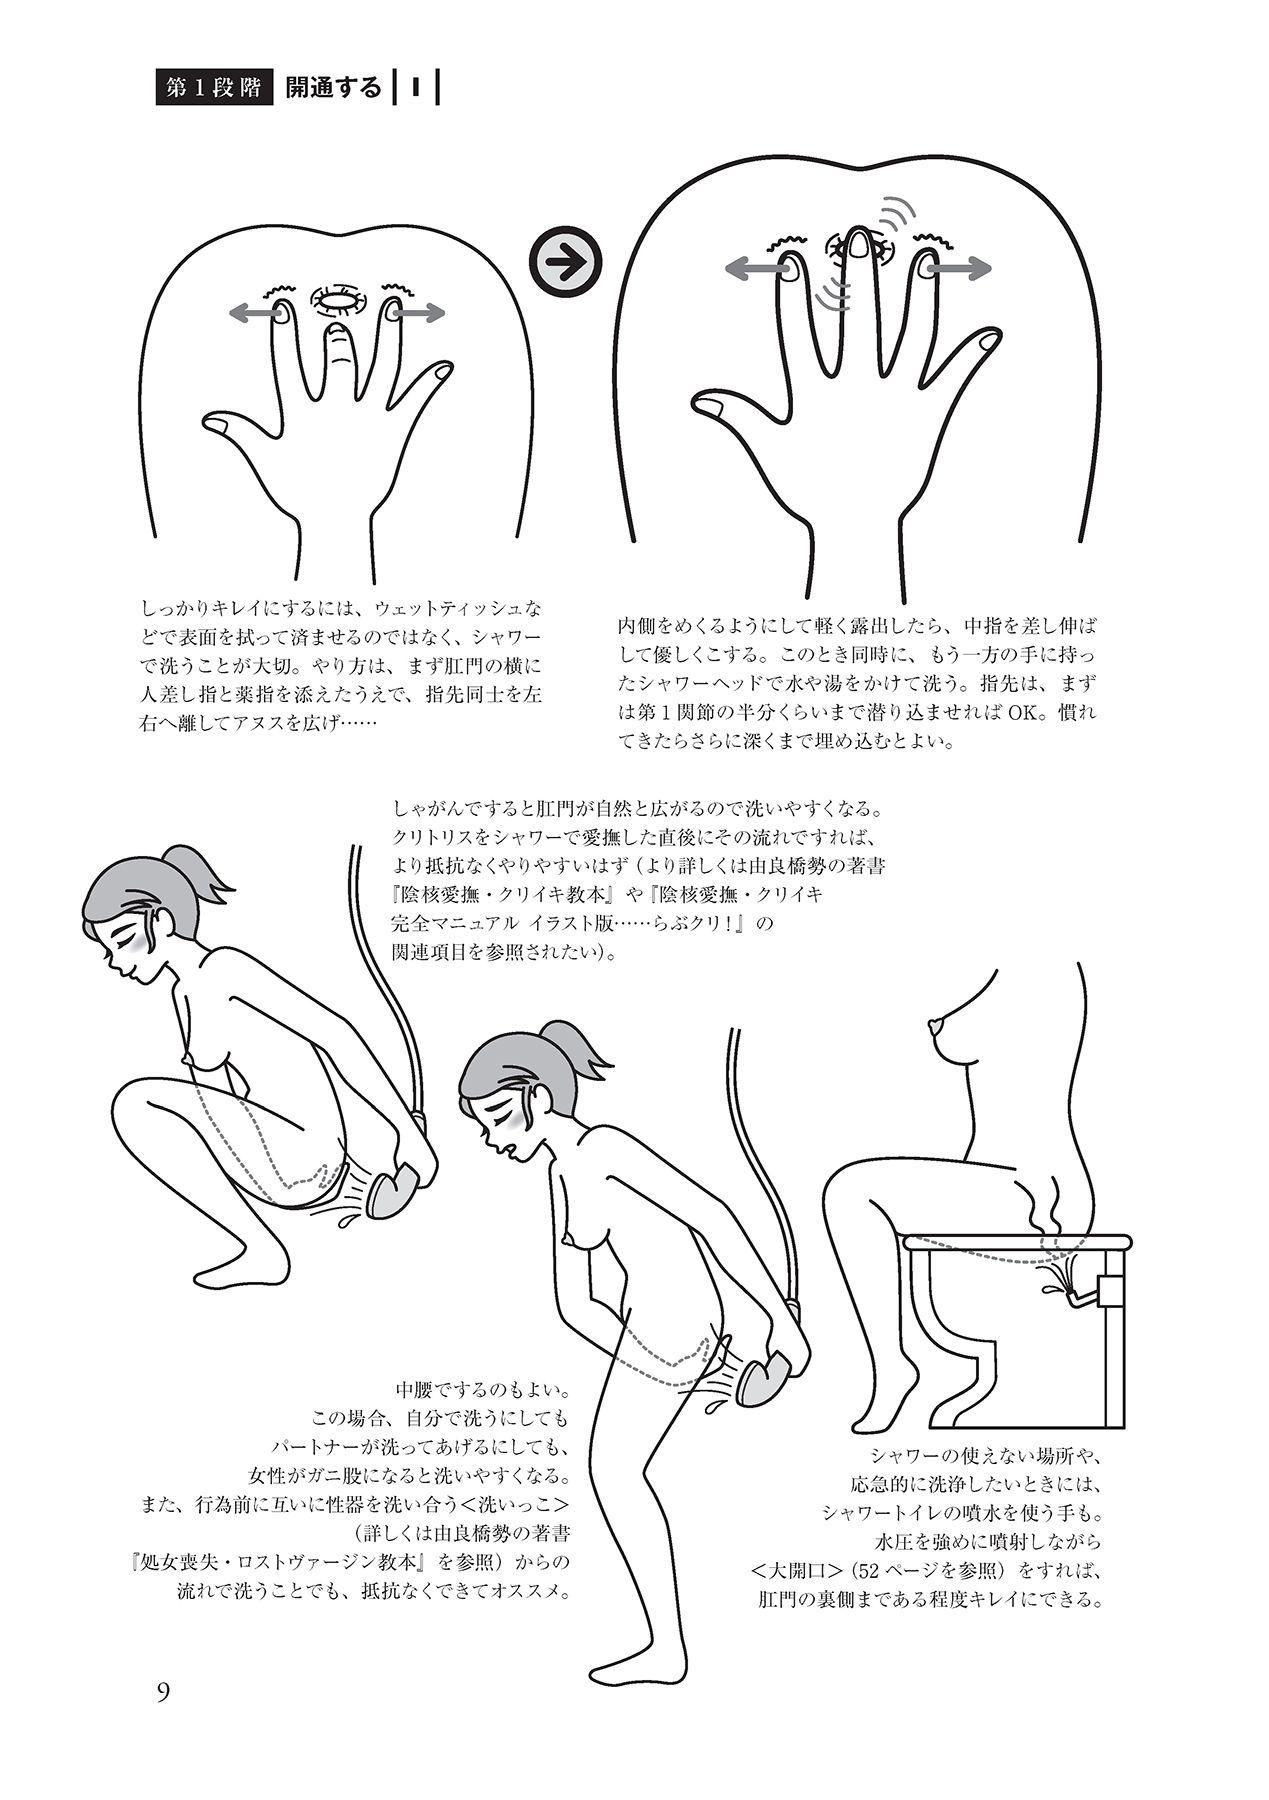 アナル性感開発・お尻エッチ 完全マニュアル 10